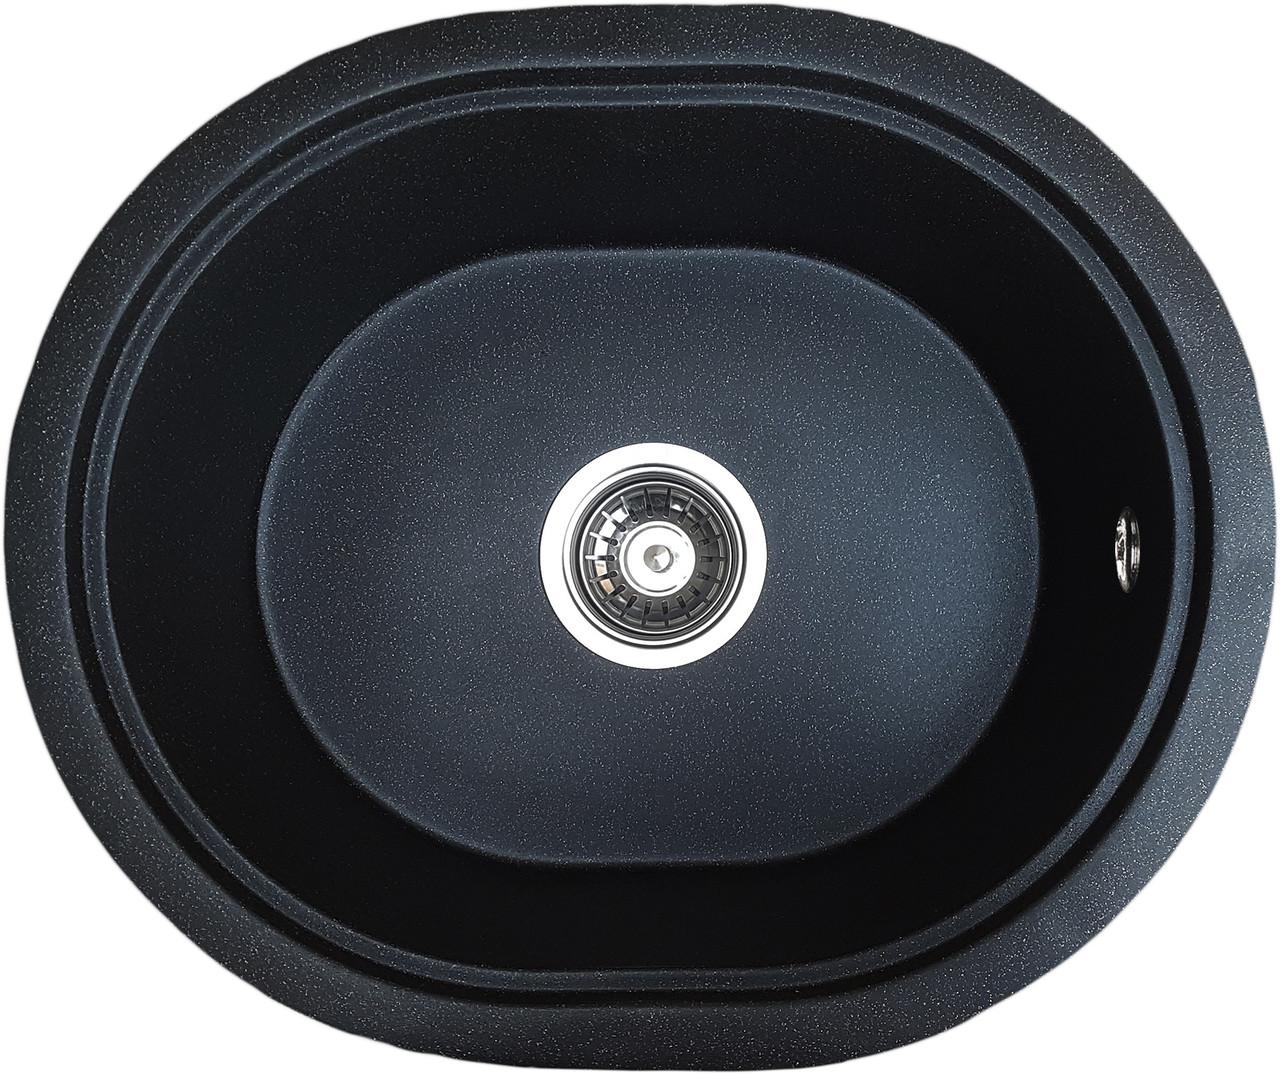 Интегрированная гранитная мойка Valetti Europe модель №60 черная 51*43